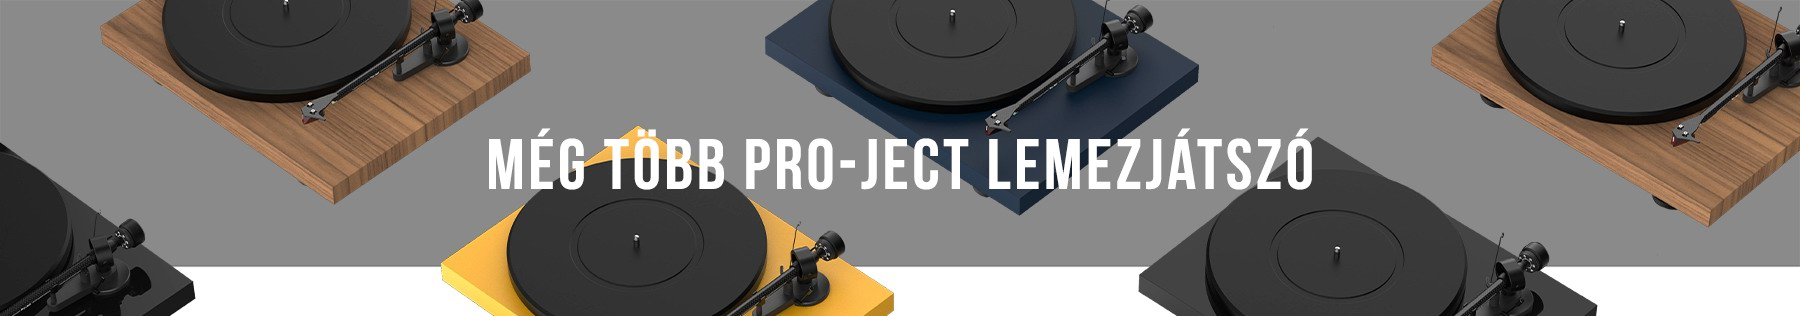 Még több Pro-Ject lemezjátszó